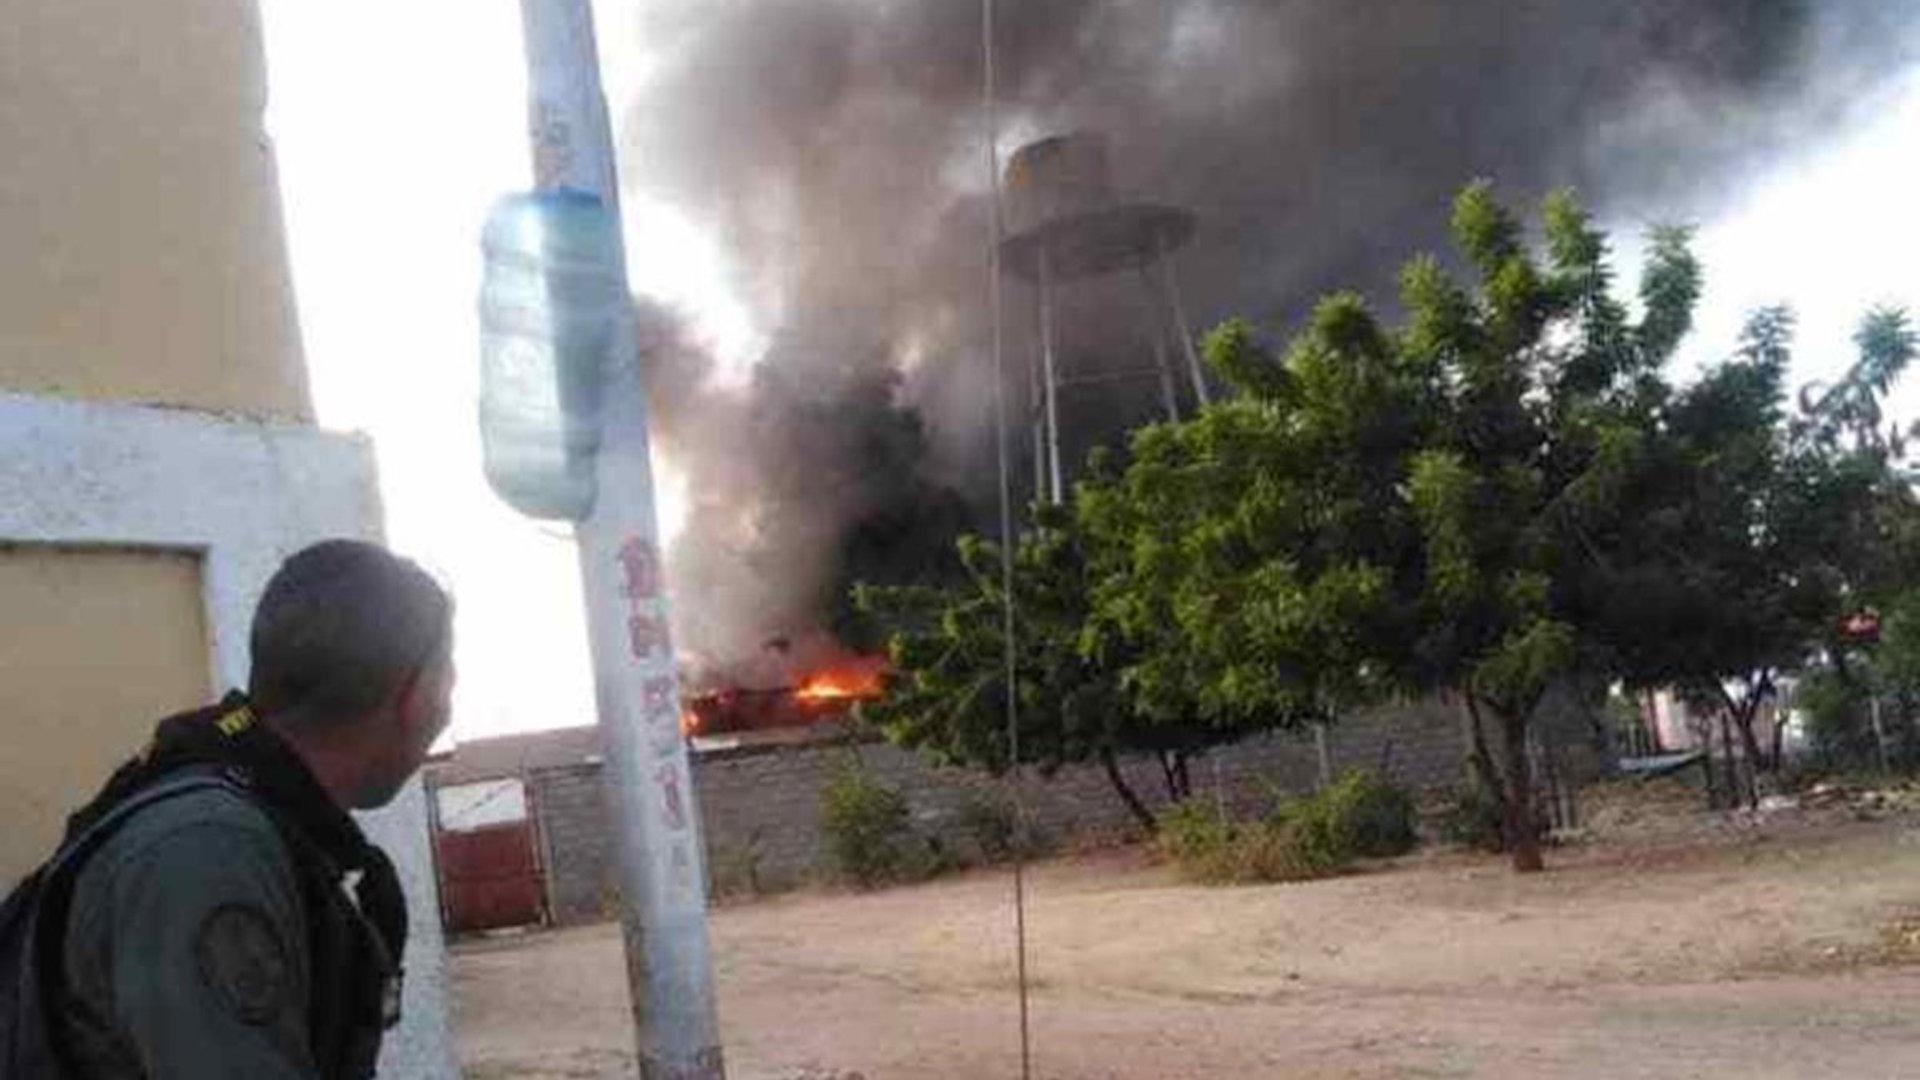 Al menos 10 muertos deja presunto enfrentamiento entre bandas en retén de Cabimas